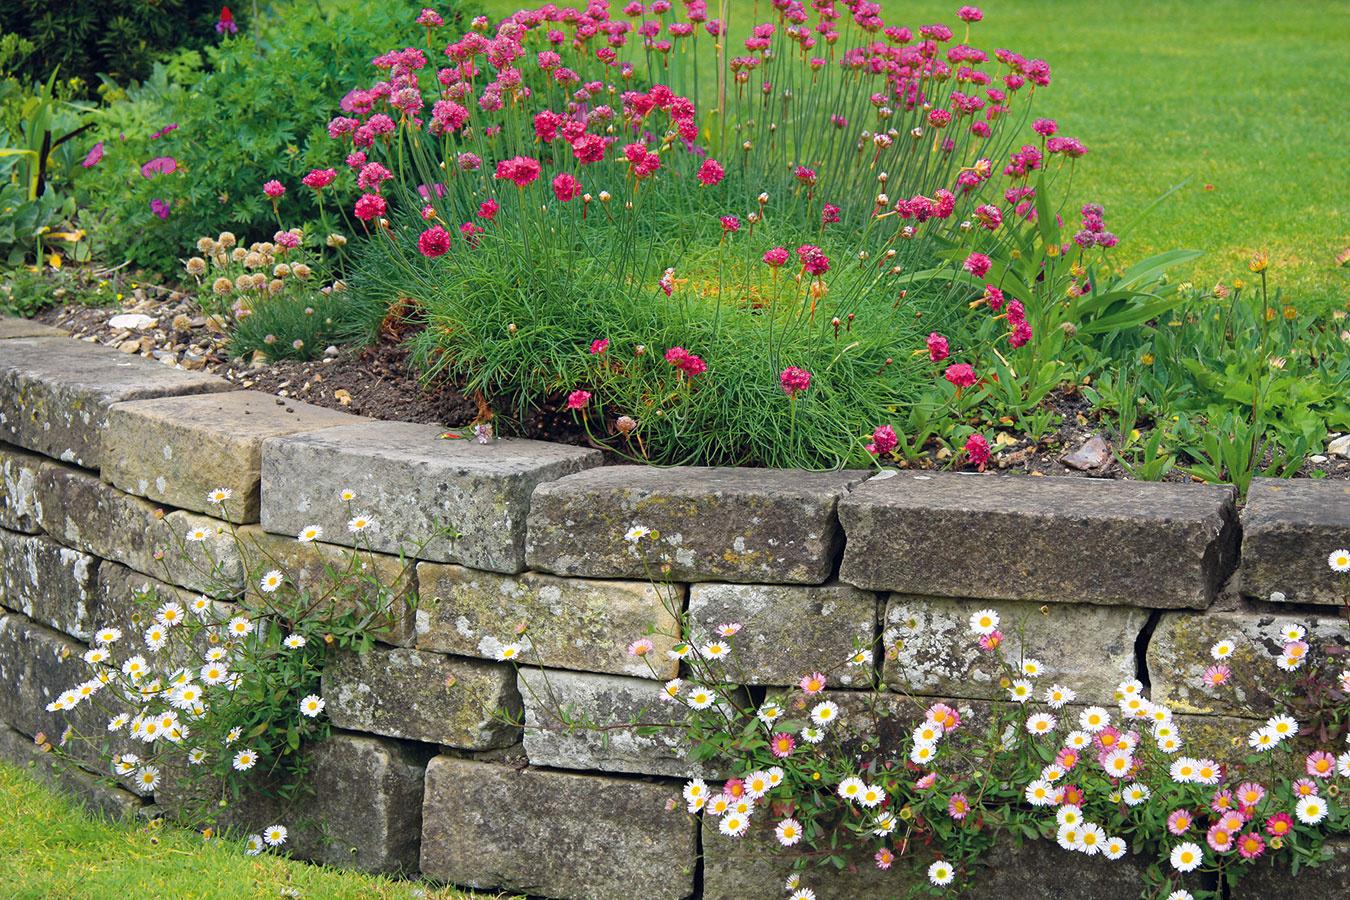 Aj trávnik, ktorý tvorí niekoľko výškových úrovní, možno oddeliť múrikmi. Použitý kameň by mal podobne ako pri všetkých múrikoch pochádzať z danej lokality. Pohrať sa môžete s jeho farebnosťou. Platí, že rôznofarebnosť vyvoláva napätie a jedna farba podporuje pocit pohody. Na tmavšom kameni, ktorý je ideálny do polotienistej záhrady, vyniknú kvitnúce rastliny (najmä s ružovými a bielymi kvetmi) viac. Tmavšia farebnosť je typická pre žulu a rulu, takmer čierne sú čadič a bridlica. Kamene s červenkastými odtieňmi sú vhodné najmä do stredomorsky ladenej záhrady. Pri budovaní takýchto múrikov treba dať pozor na to, aby medzi kameňmi nevznikli priveľké škáry. Ich realizáciu je vhodné zveriť odborníkom.